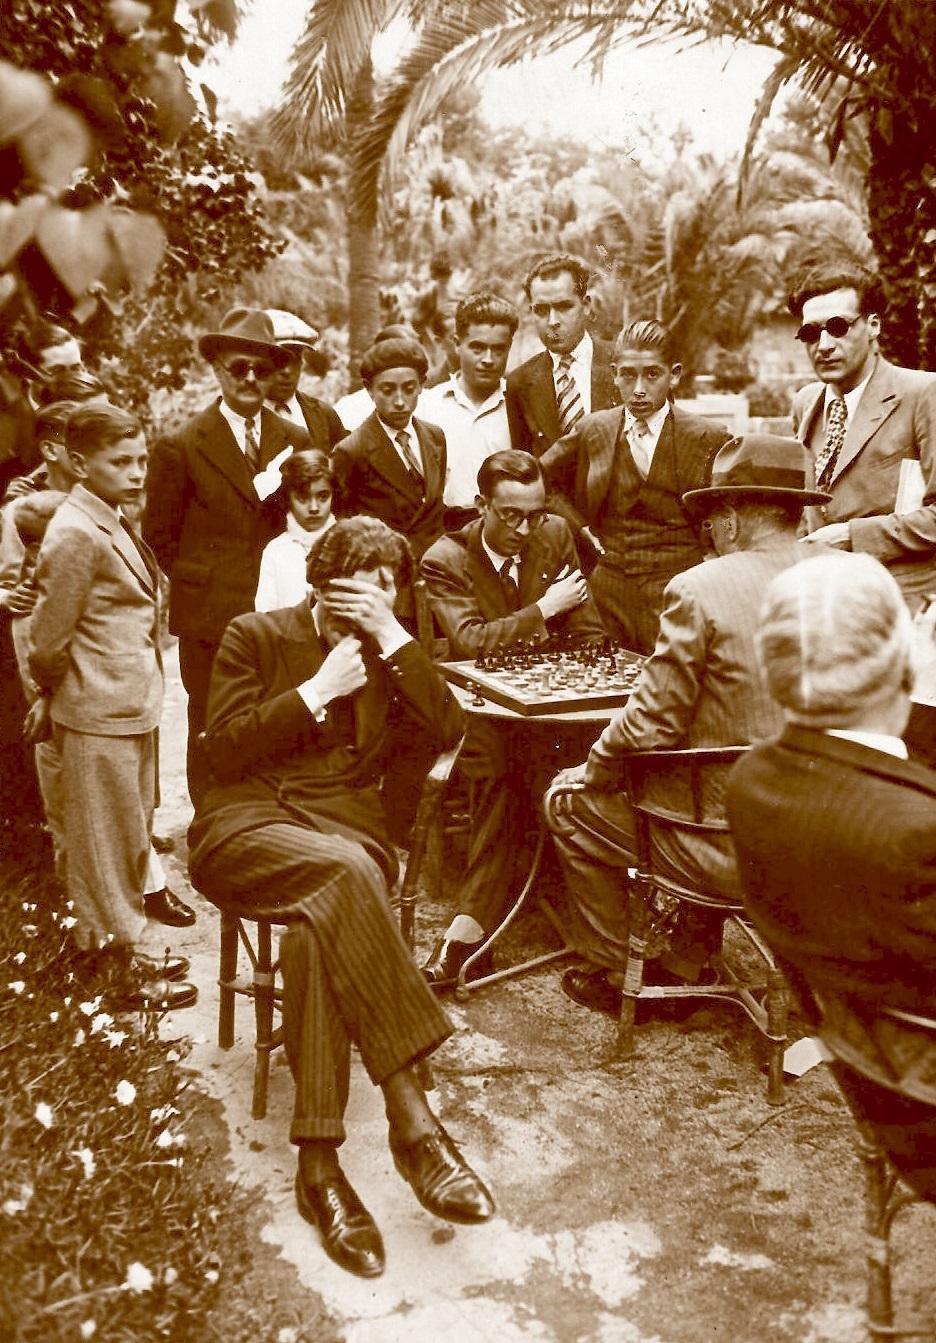 Àngel Mur jugando a ciegas en los Jardines de Arnús en 1933